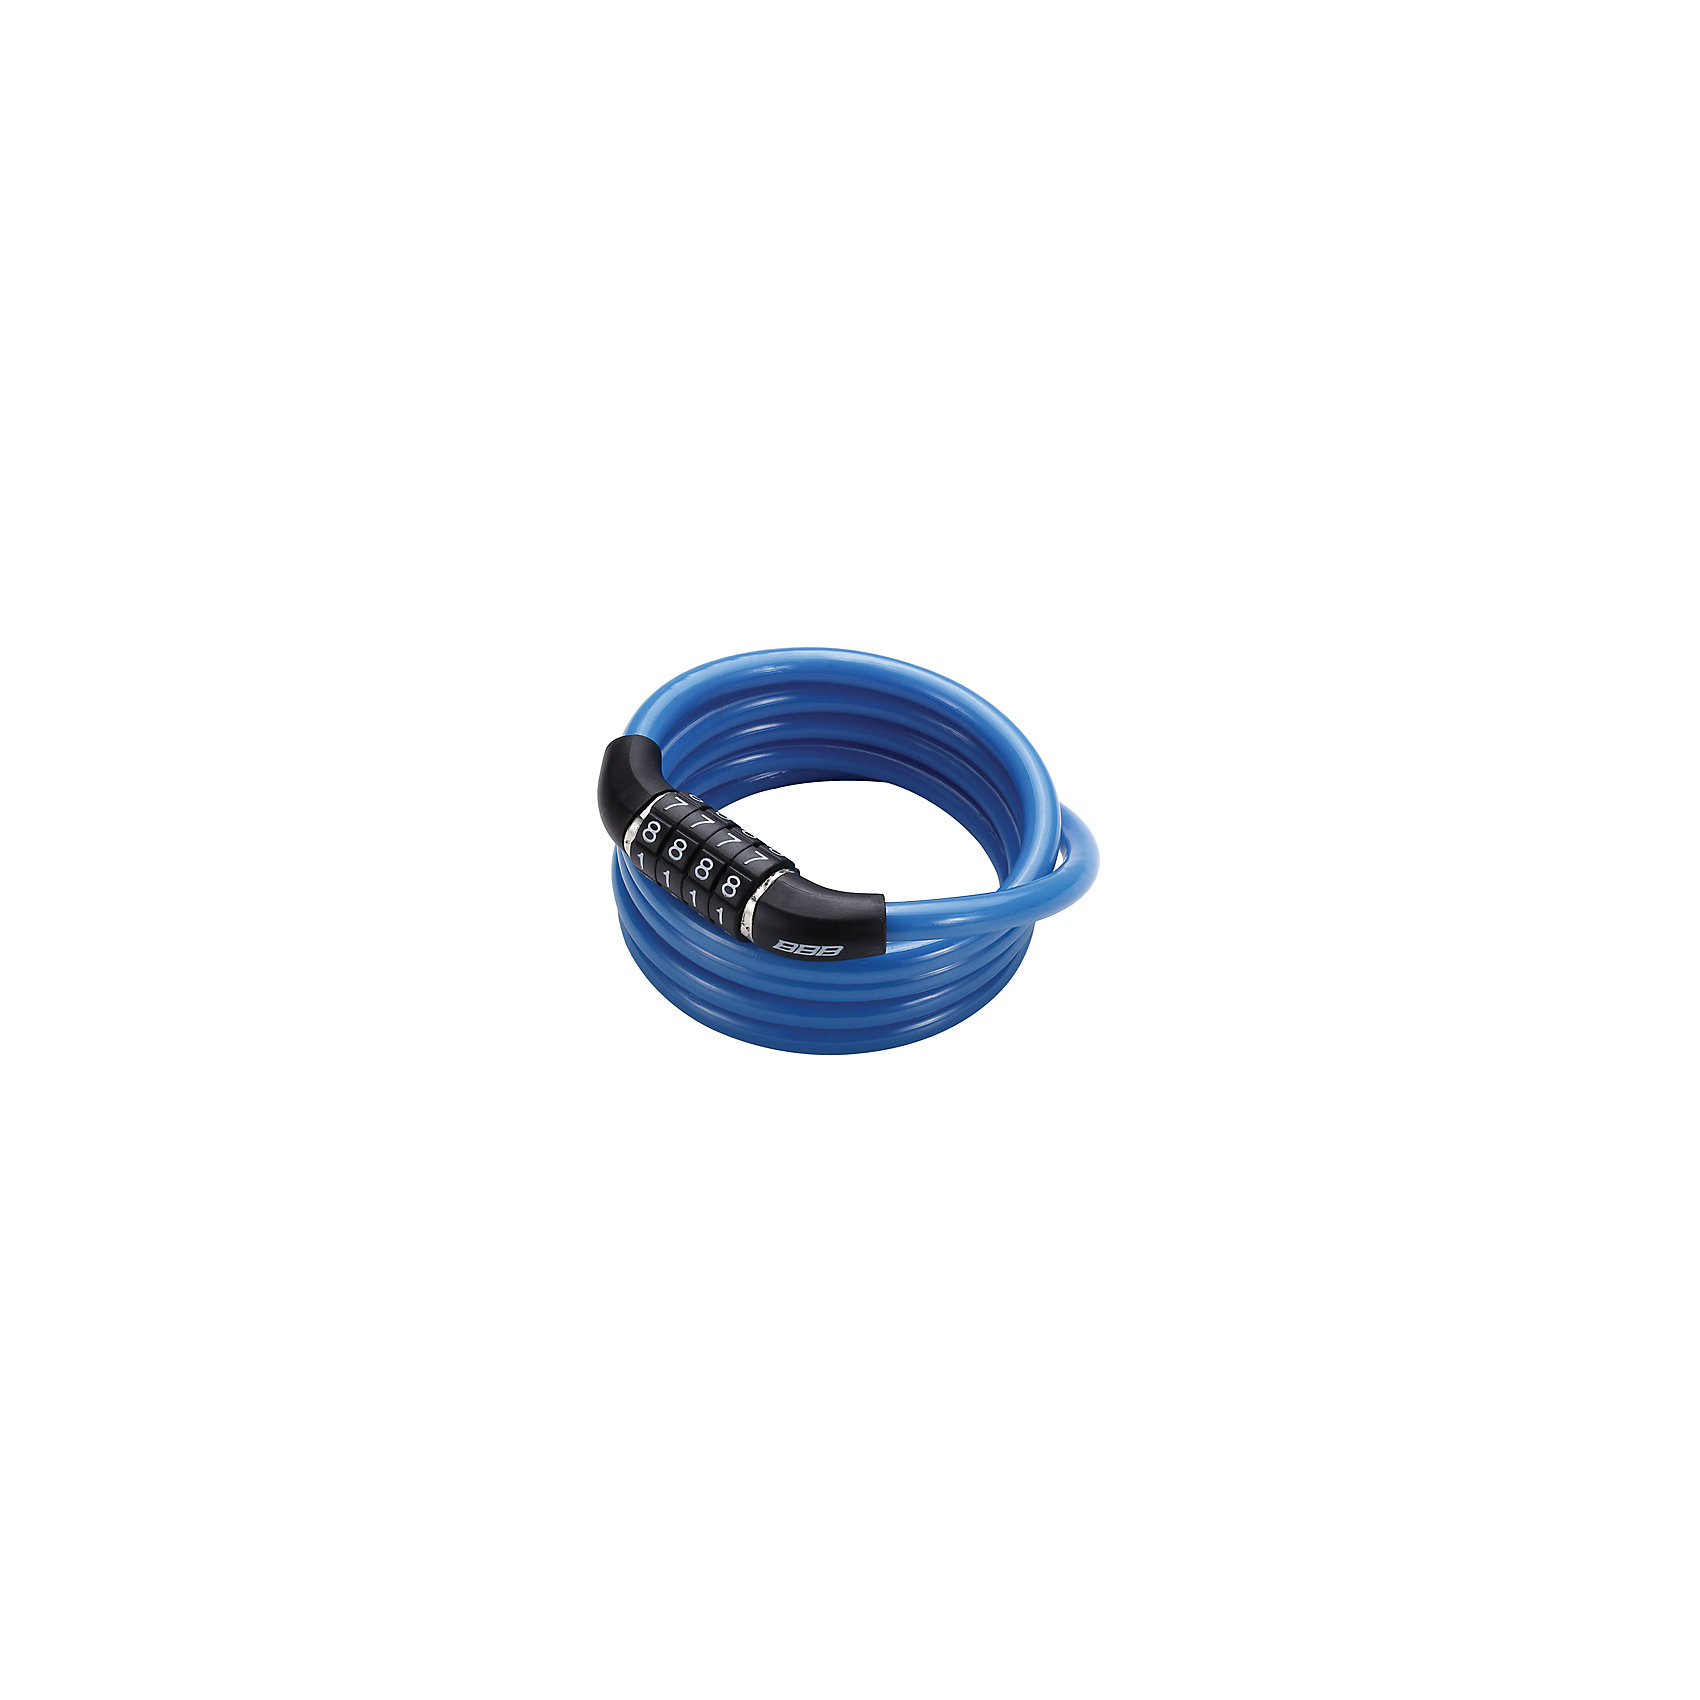 Замок велосипедный QuickCode кодовый, синий, BBBАксеcсуары для велосипедов<br>Характеристики товара:  <br><br>• толстый и прочный скрученный трос обеспечивает максимальную защиту<br>• цвет: синий<br>• четырехзначный код (фиксированный)<br>• надежный механизм замка<br>• оплетка троса для защиты вашего велосипеда от сколов и царапин<br>• размеры: 8мм Х 1200мм.<br>• совместим с BBL-92 CableFix<br><br>Замок велосипедный QuickCode кодовый можно купить в нашем интернет-магазине.<br><br>Ширина мм: 250<br>Глубина мм: 170<br>Высота мм: 45<br>Вес г: 99<br>Возраст от месяцев: 36<br>Возраст до месяцев: 144<br>Пол: Унисекс<br>Возраст: Детский<br>SKU: 5569405